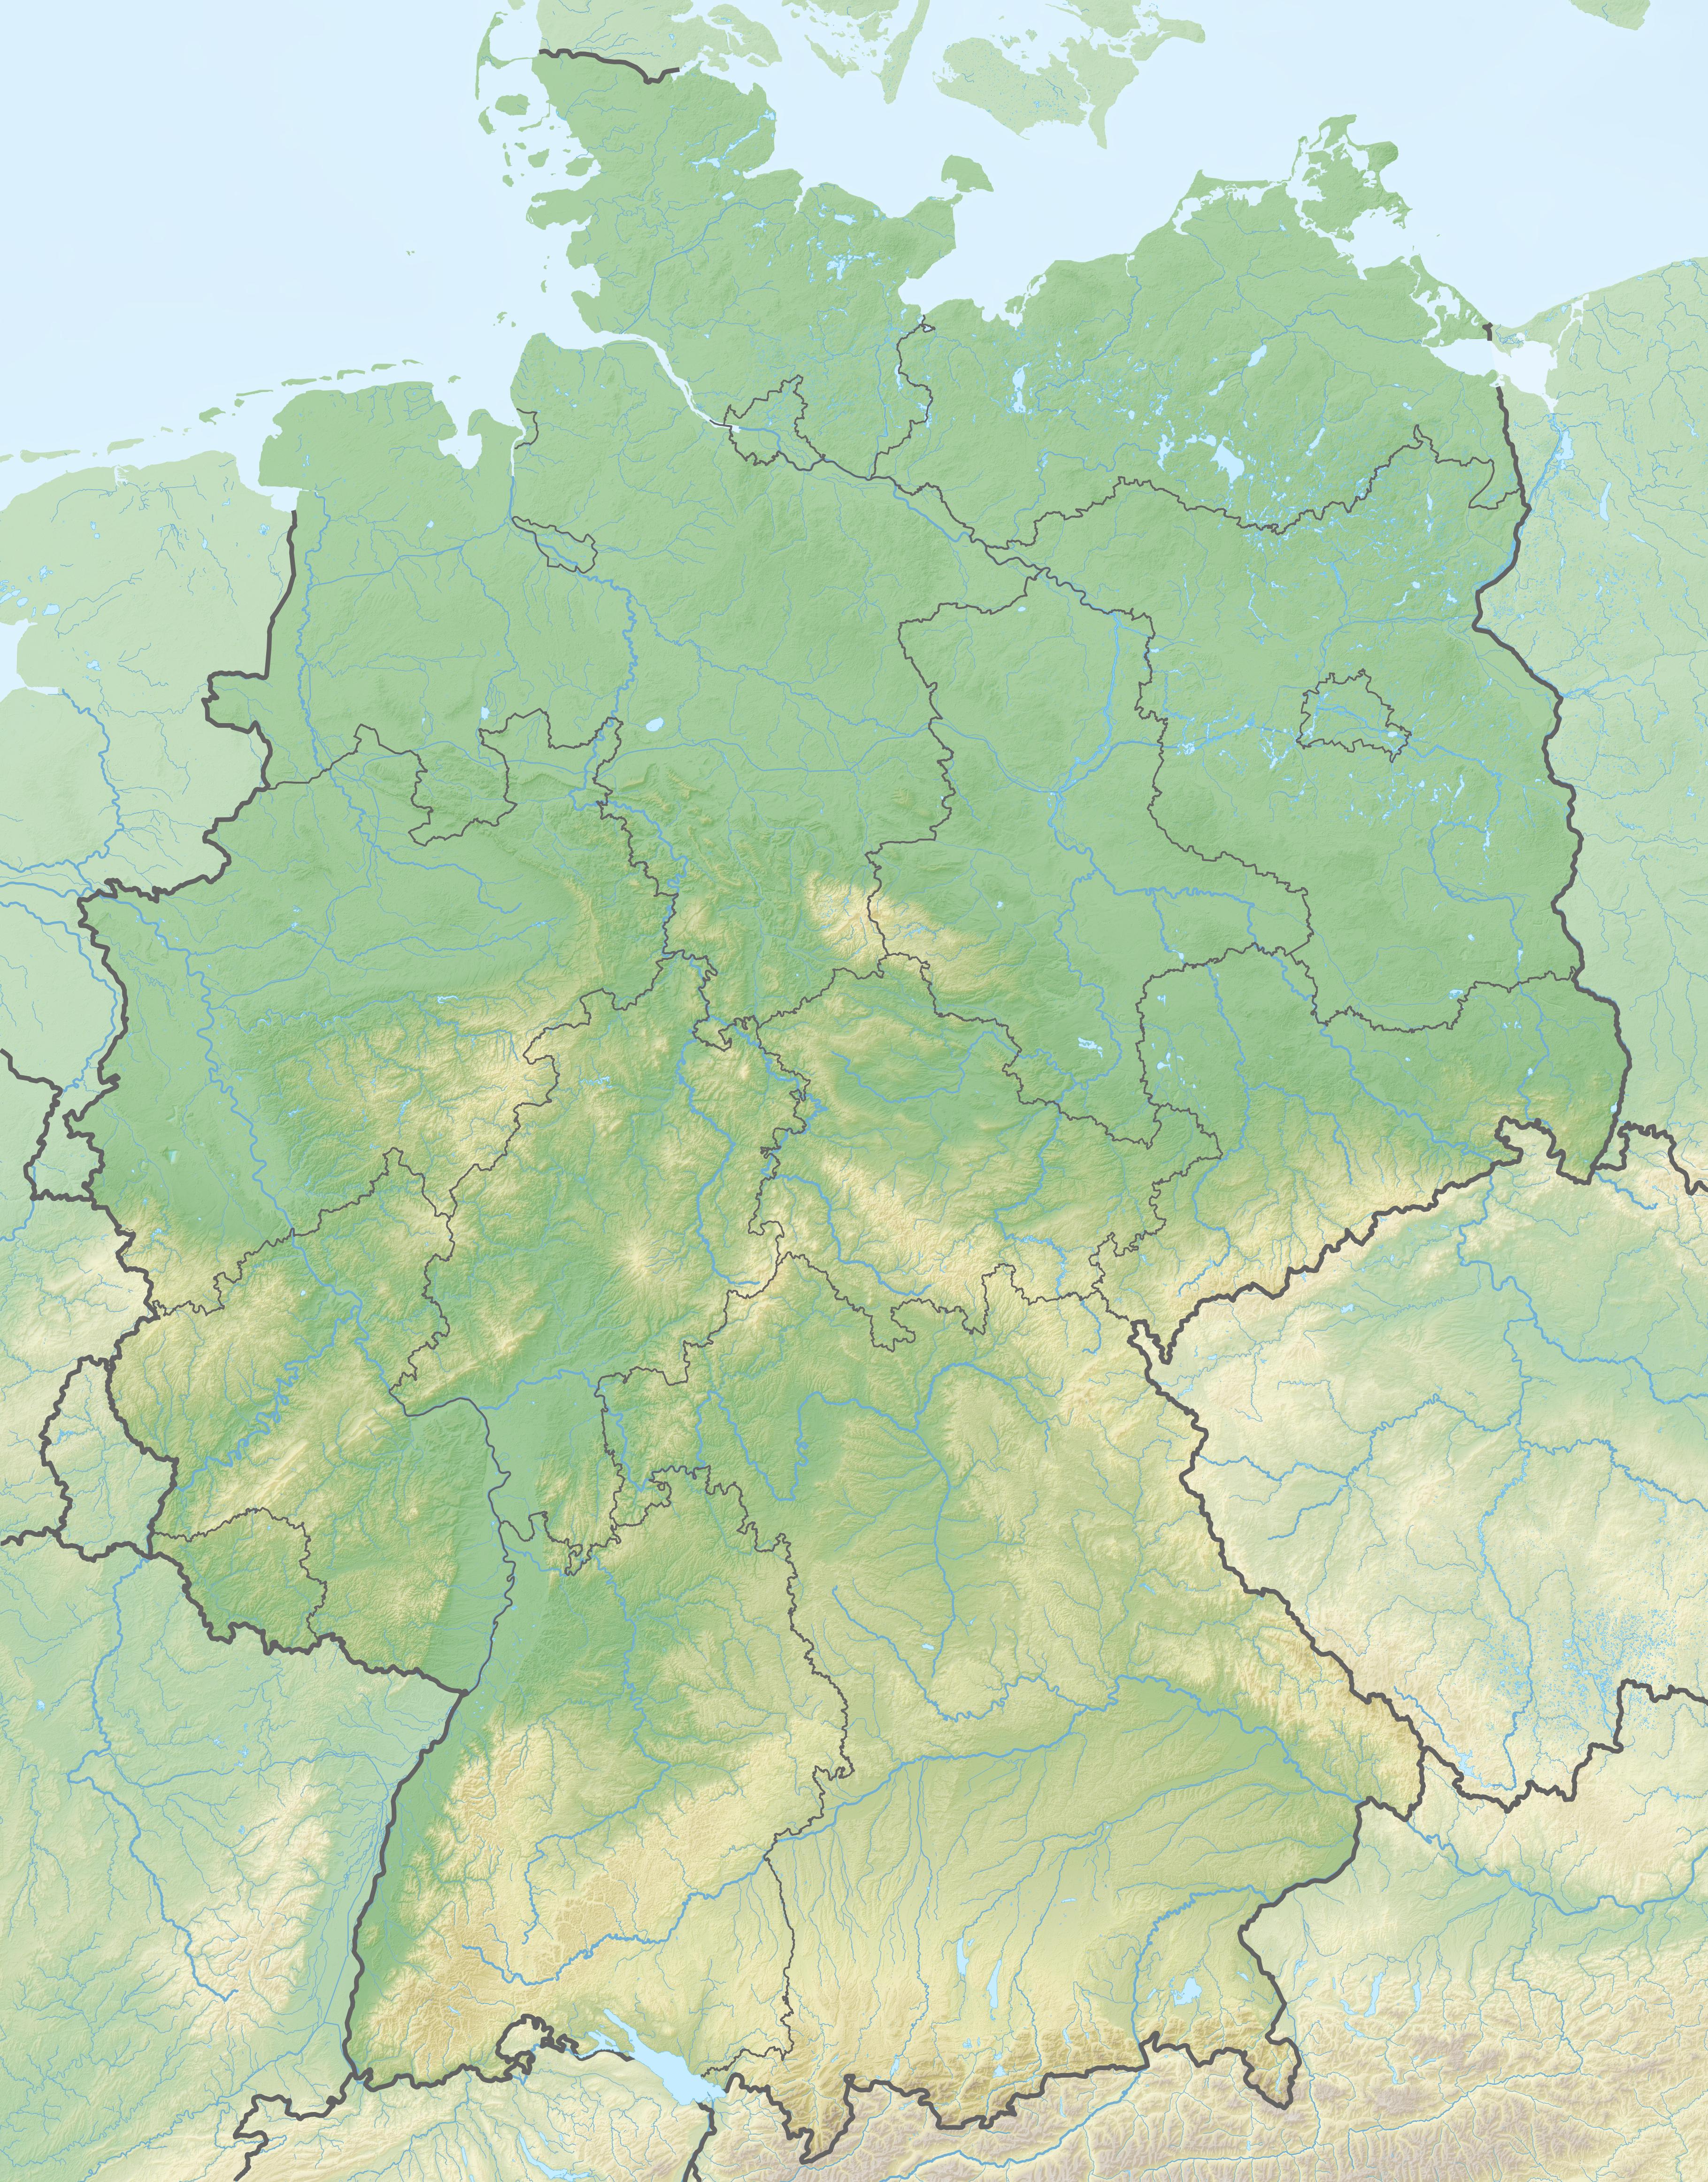 karte deutschland berge Liste der höchsten Berge der deutschen Länder – Wikipedia